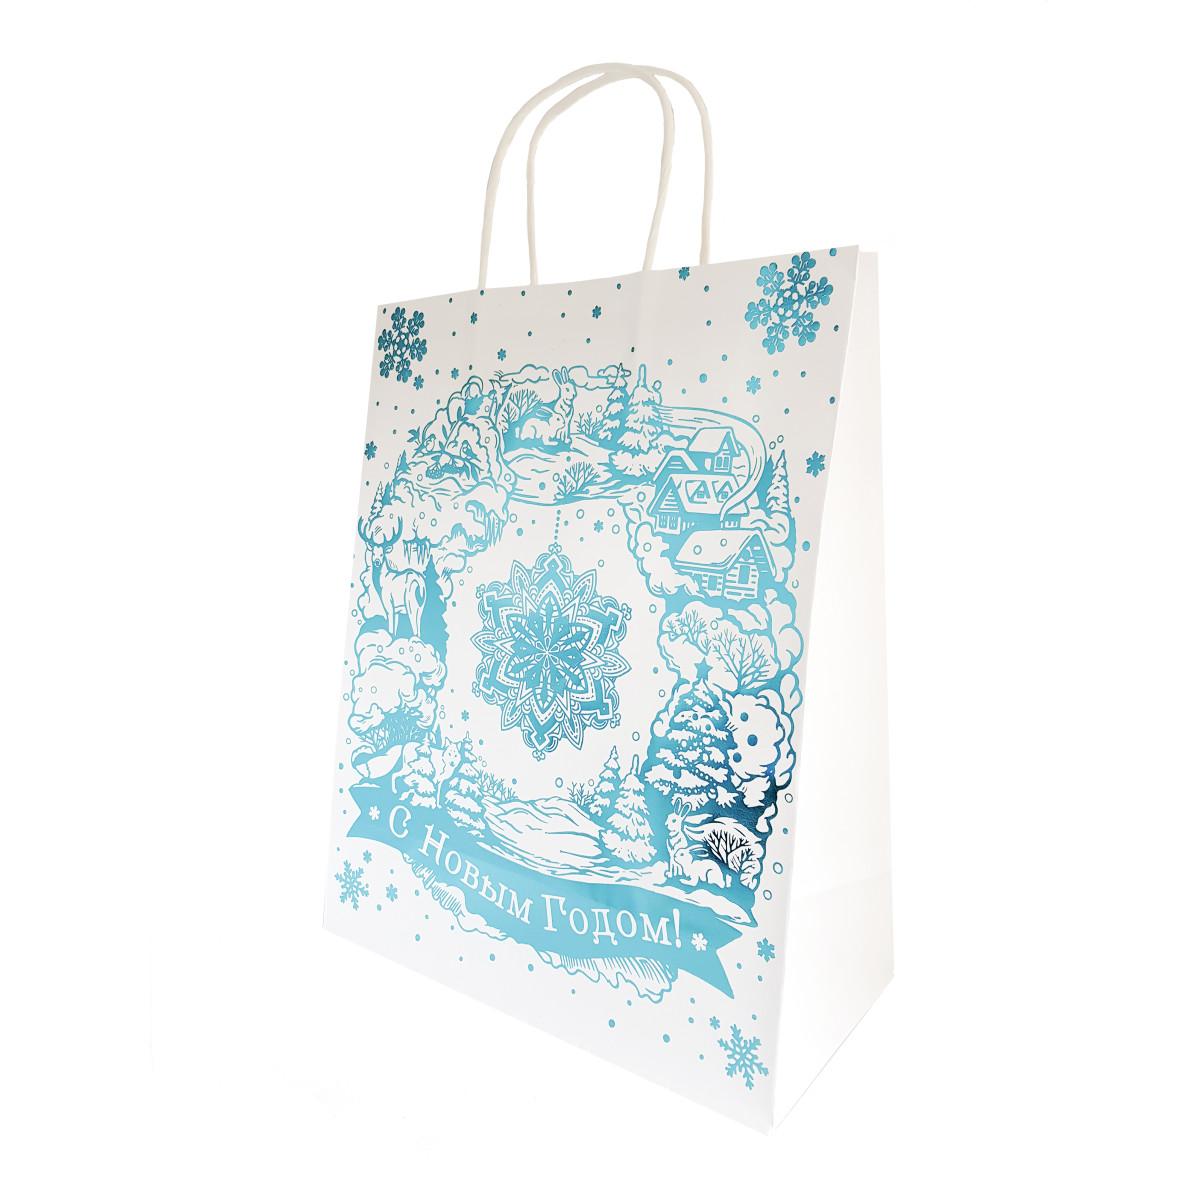 Пакет подарочный крафт Волшебная снежинка 18x23 см